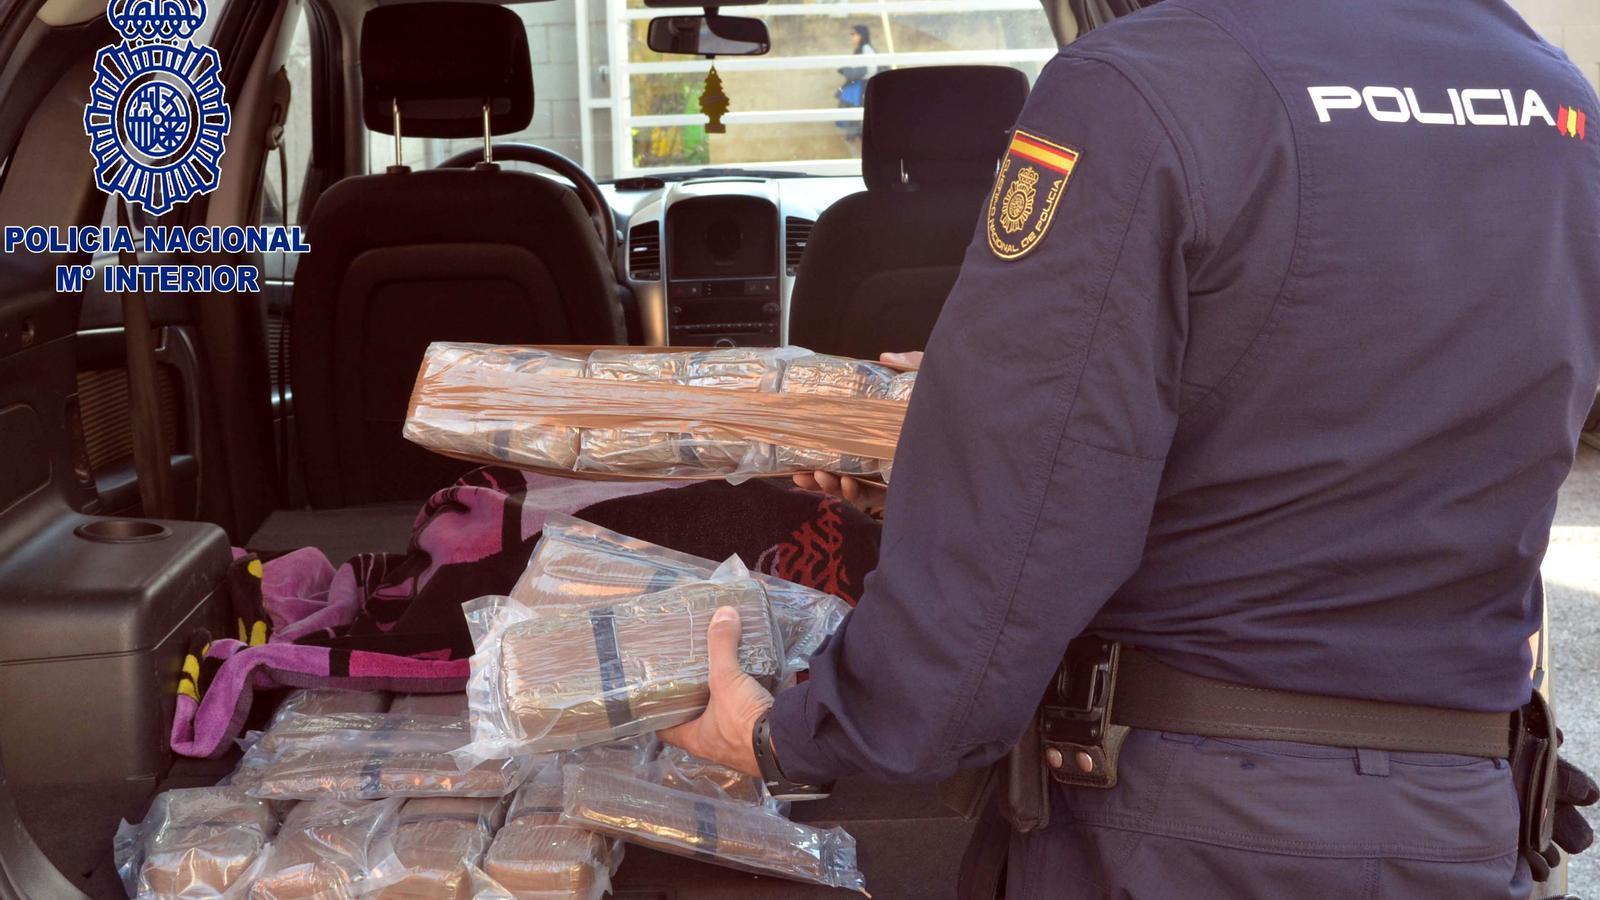 la policia persegueix un cotxe amb 54 quilos de droga. Black Bedroom Furniture Sets. Home Design Ideas